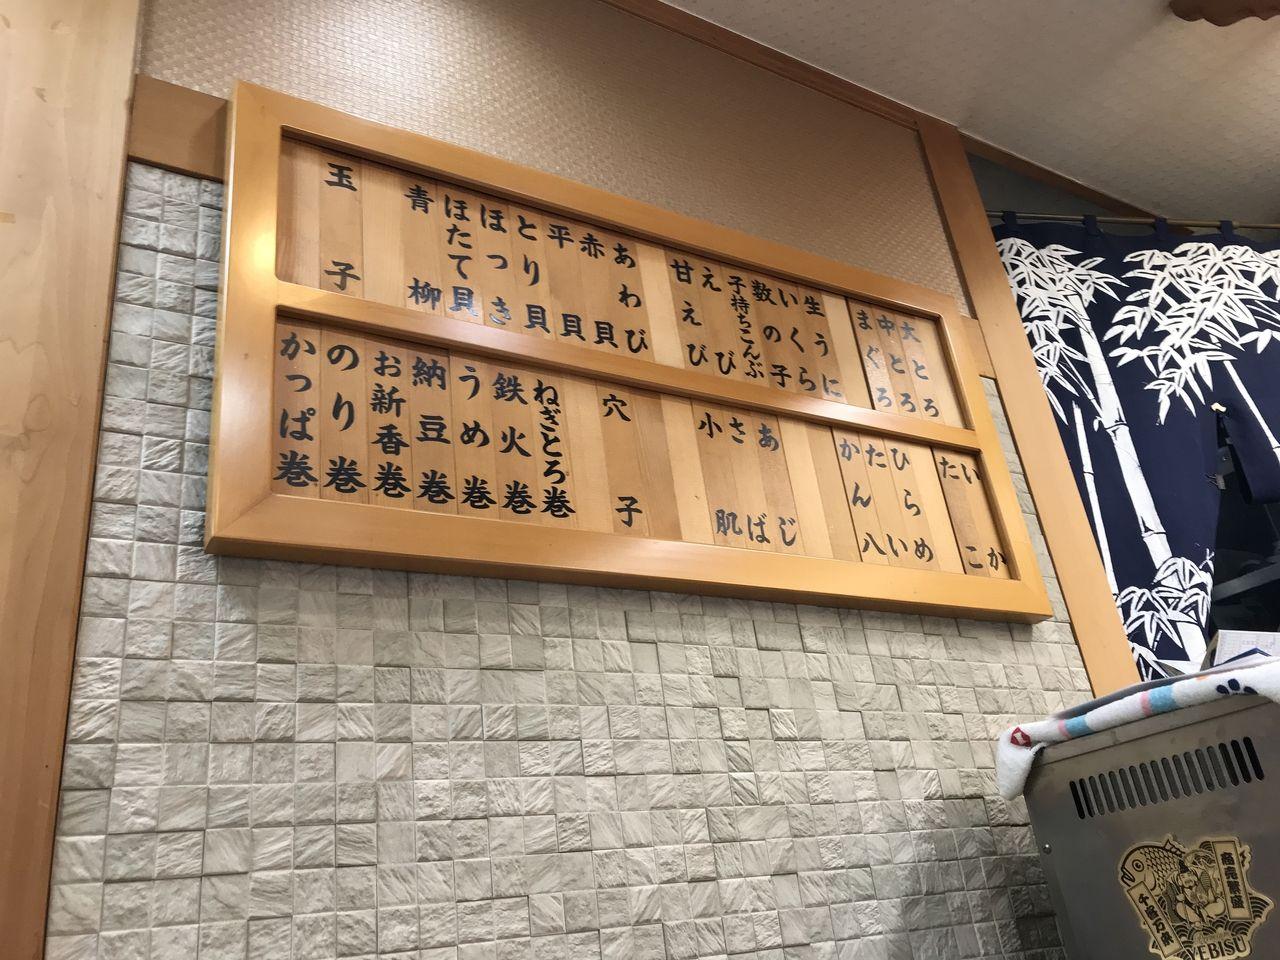 行徳の江戸銀の店内メニュー